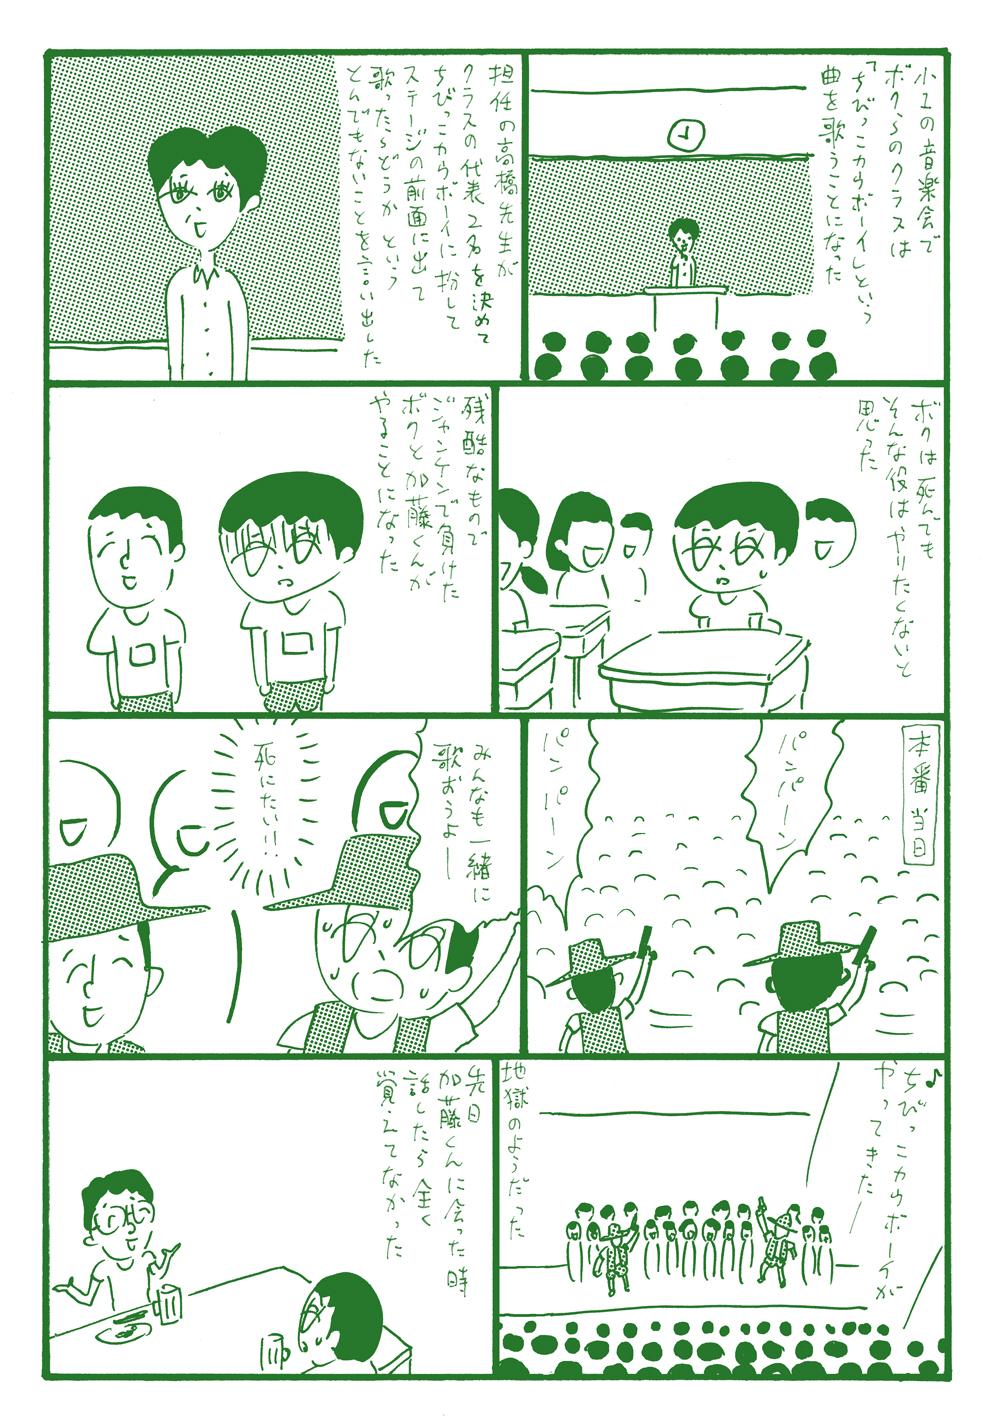 oohashi-hiroyuki-027